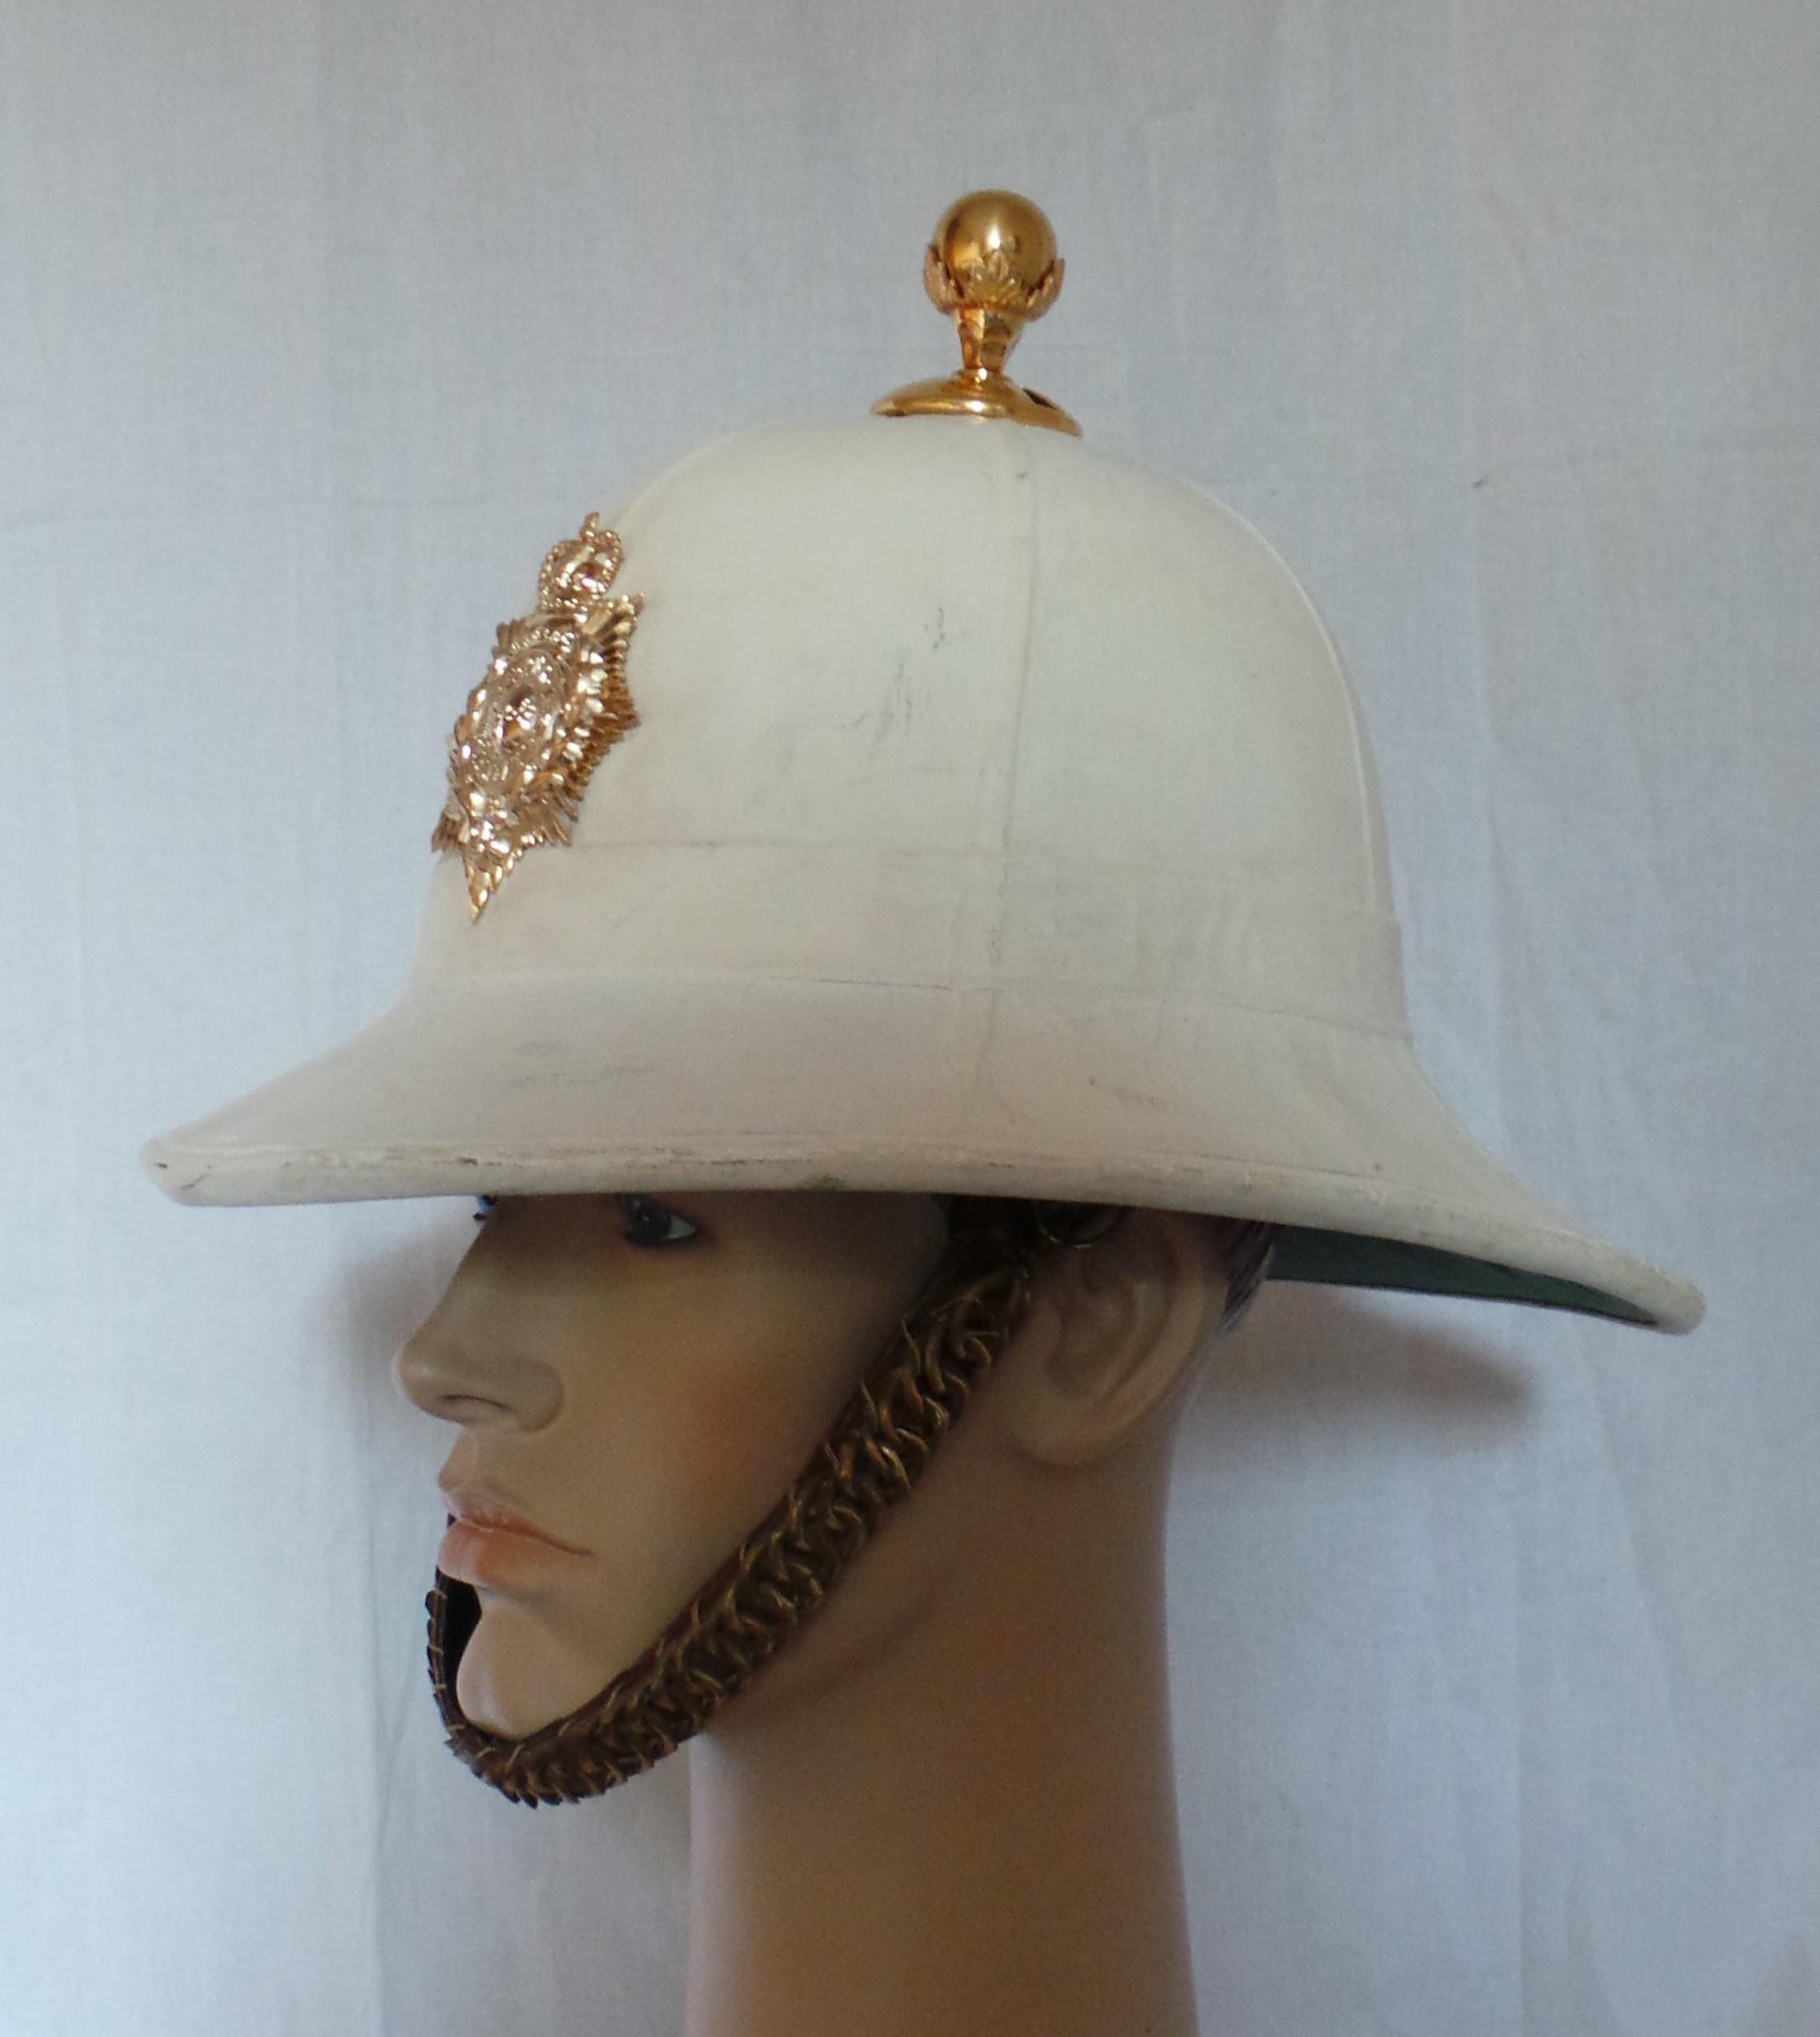 abd3cec0ff2d2 United Kingdom Royal Marine Headdress